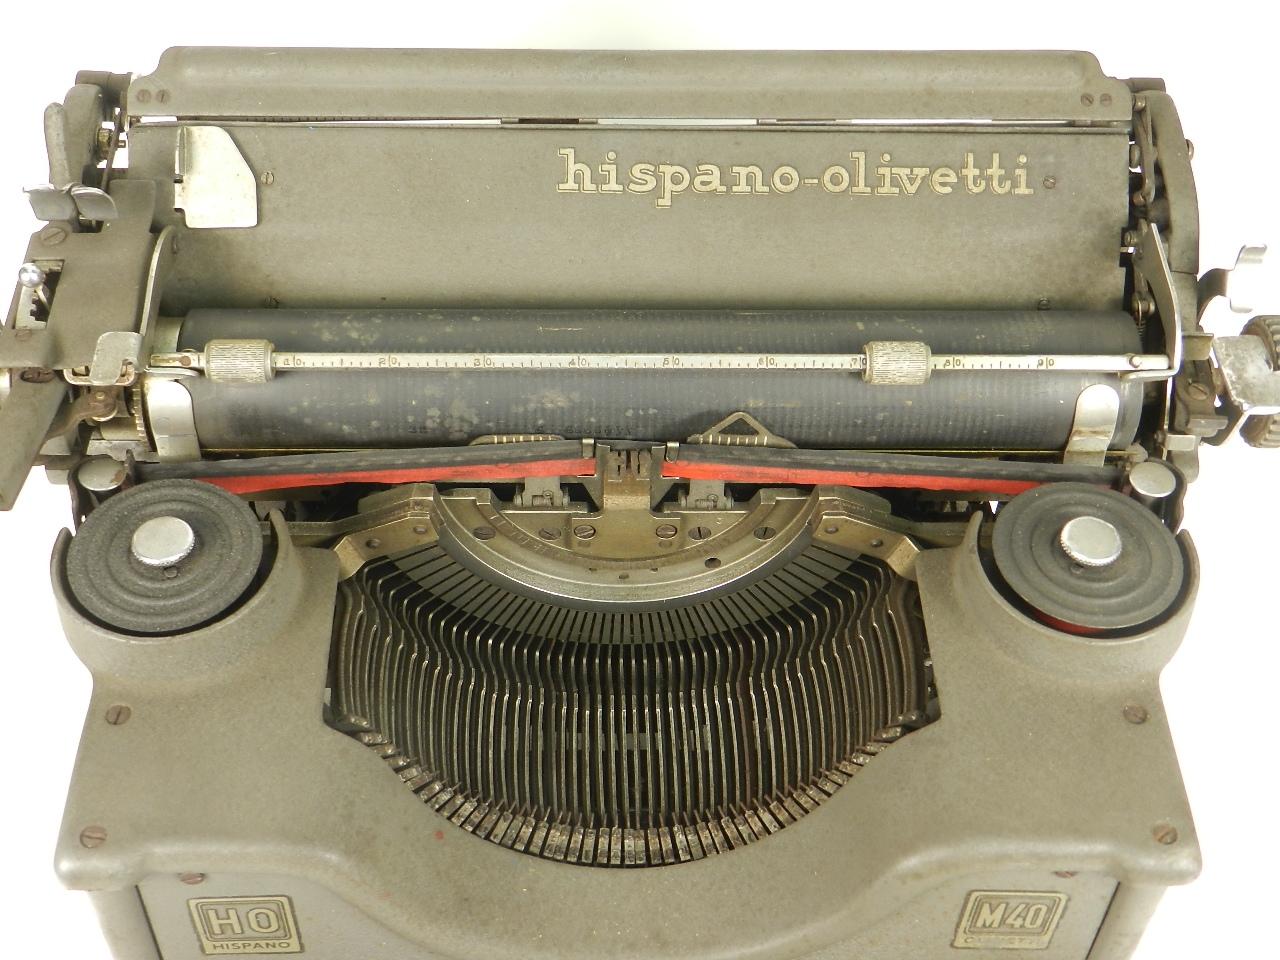 Imagen HISPANO OLIVETTI M40  28644